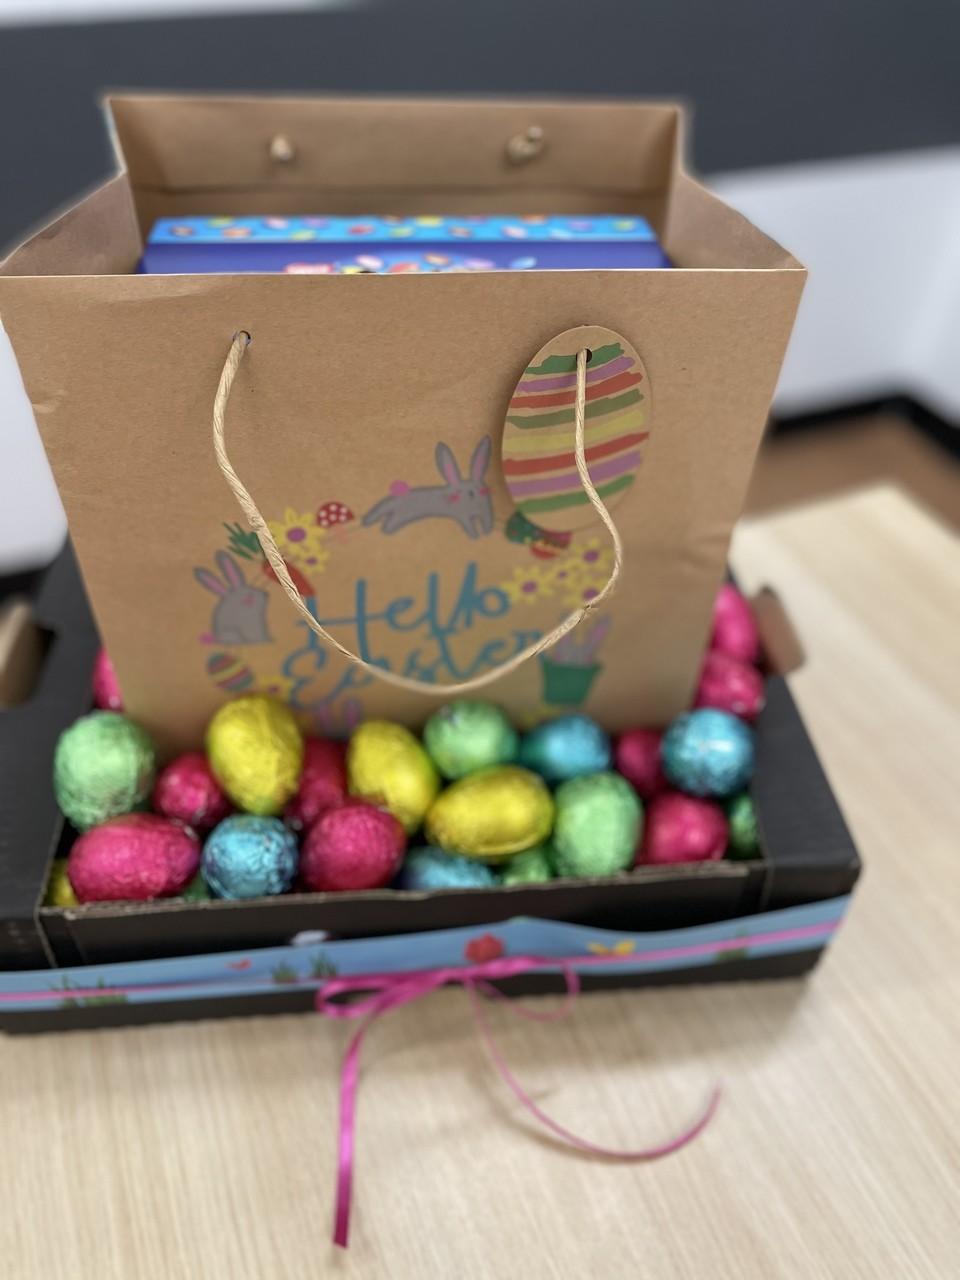 Easter Egg Hunt | Asda Ware